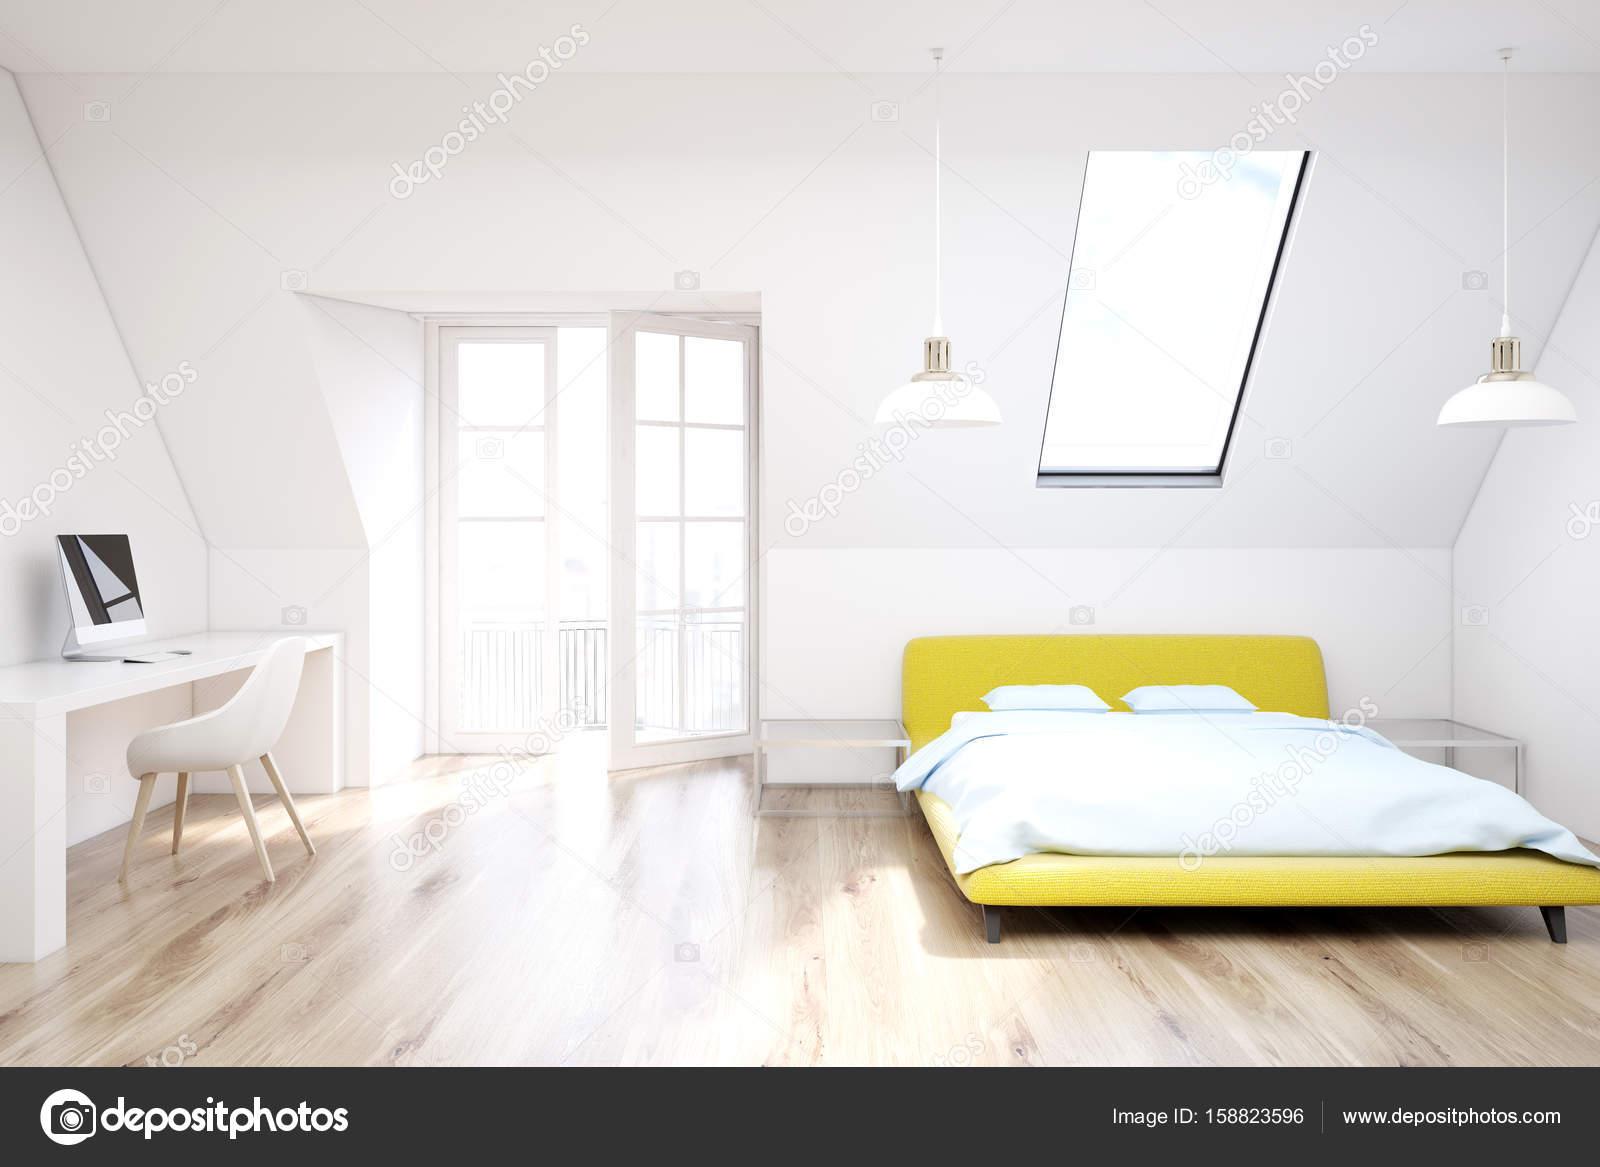 Blanc Chambre Grenier, Plancher En Bois, Jauneu2013 Images De Stock Libres De  Droits